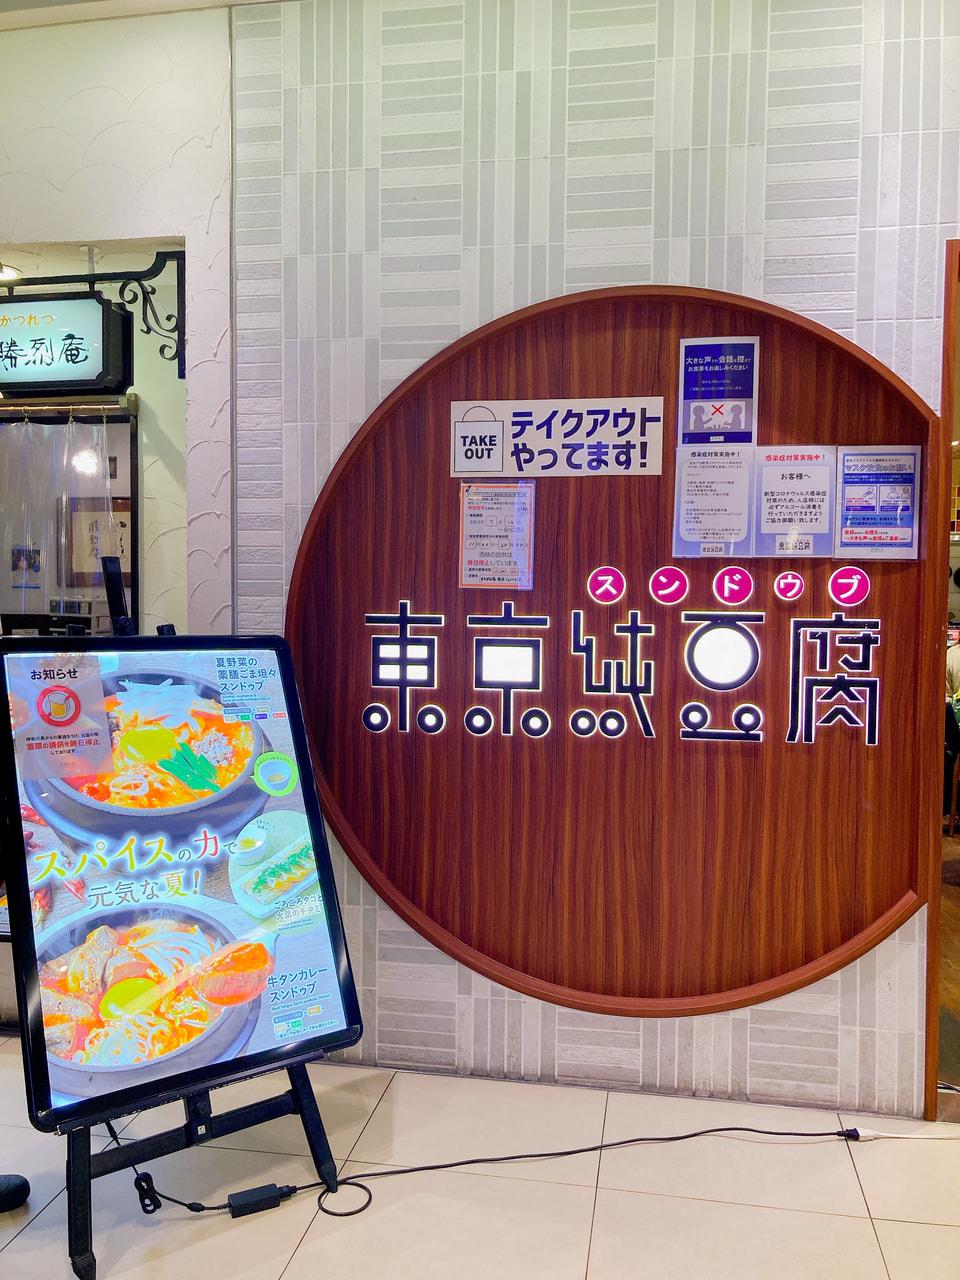 「東京純豆腐 横浜ジョイナス店」